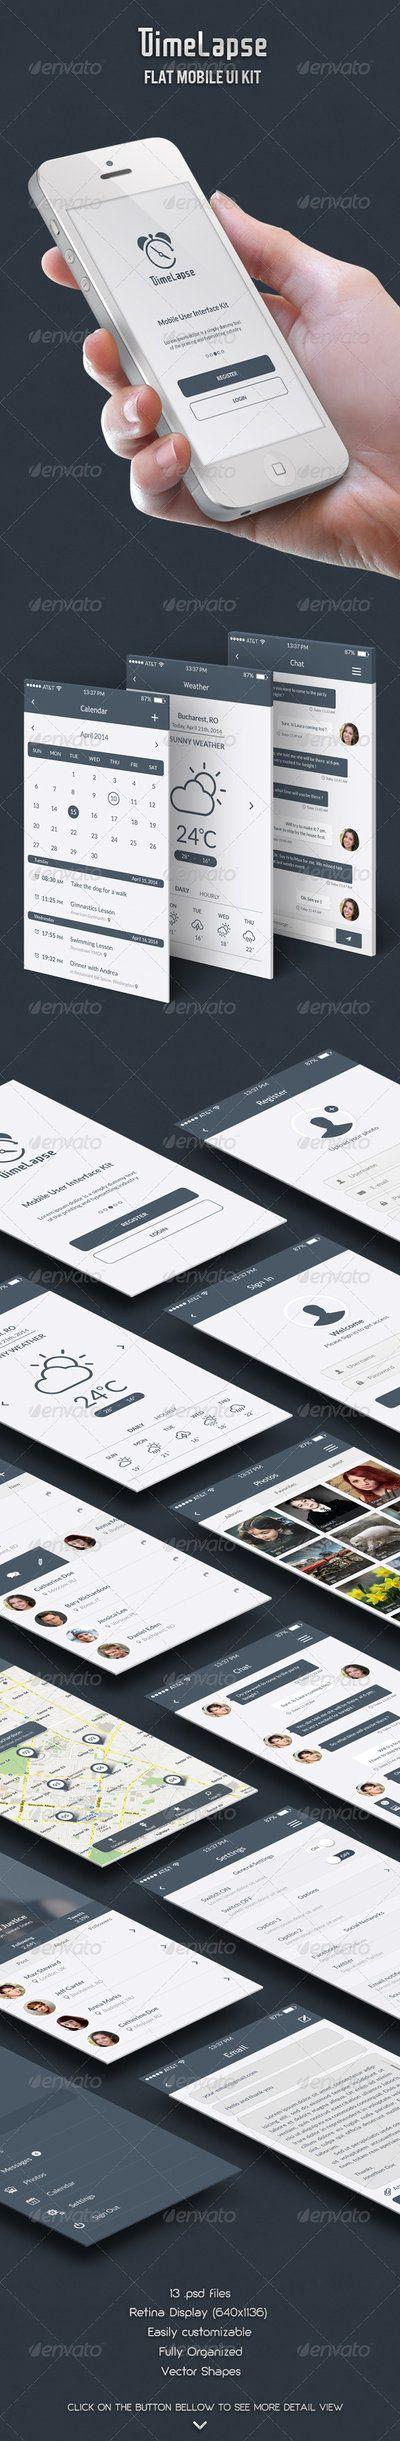 Timelapse - Flat Mobile UI Kit by dant3x.deviantart.com on @deviantART